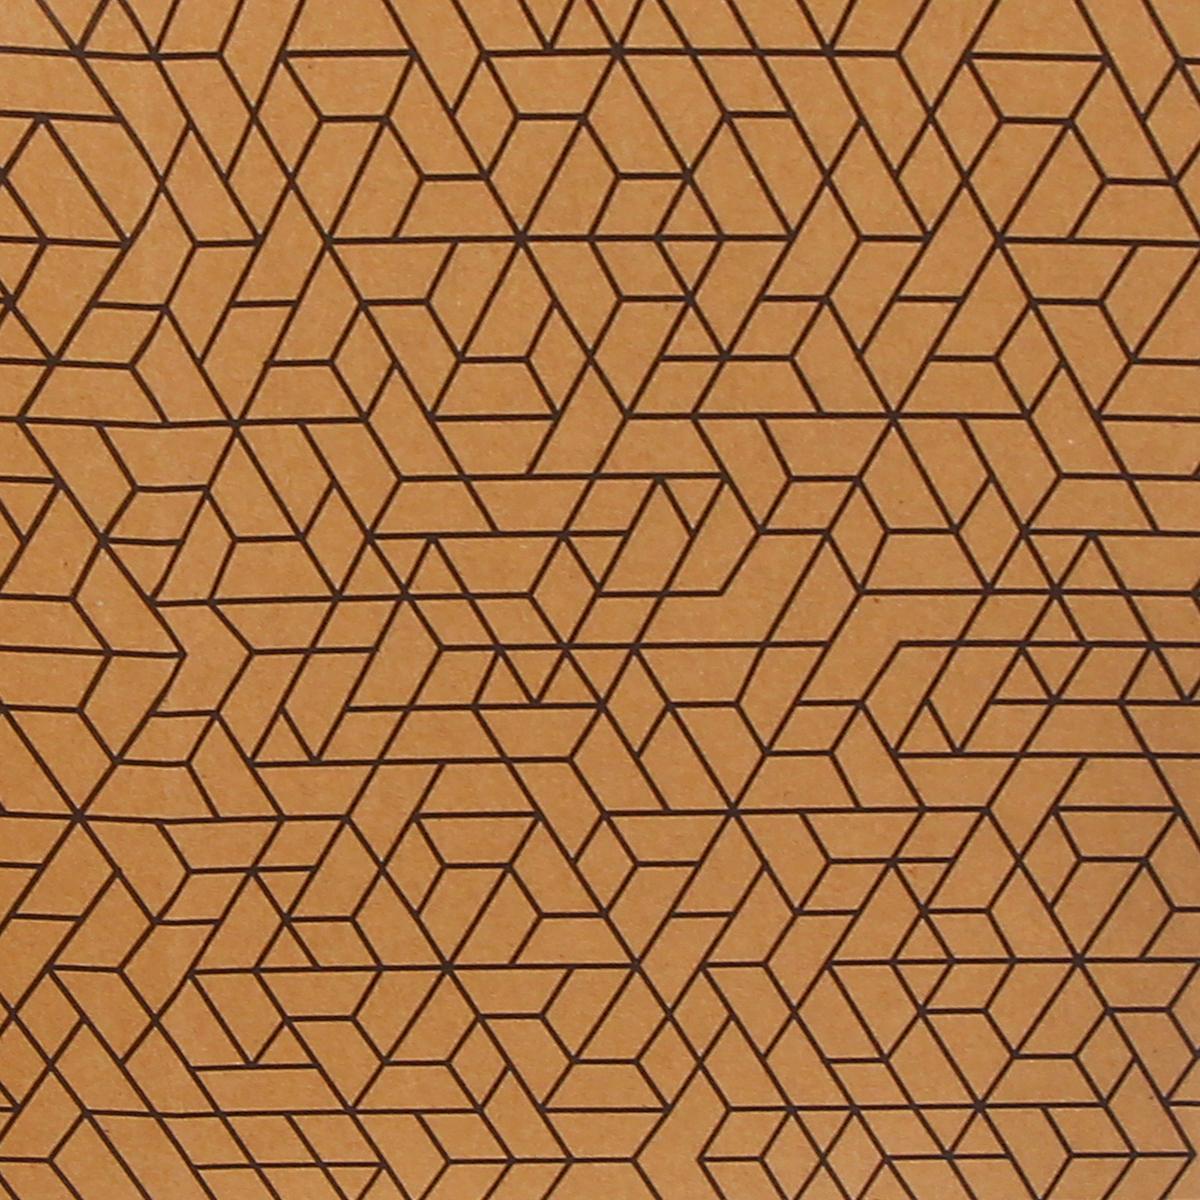 Арт Узор Органайзер для папок Геометрия 24,6 х 30,1 х 9,6 см Арт Узор